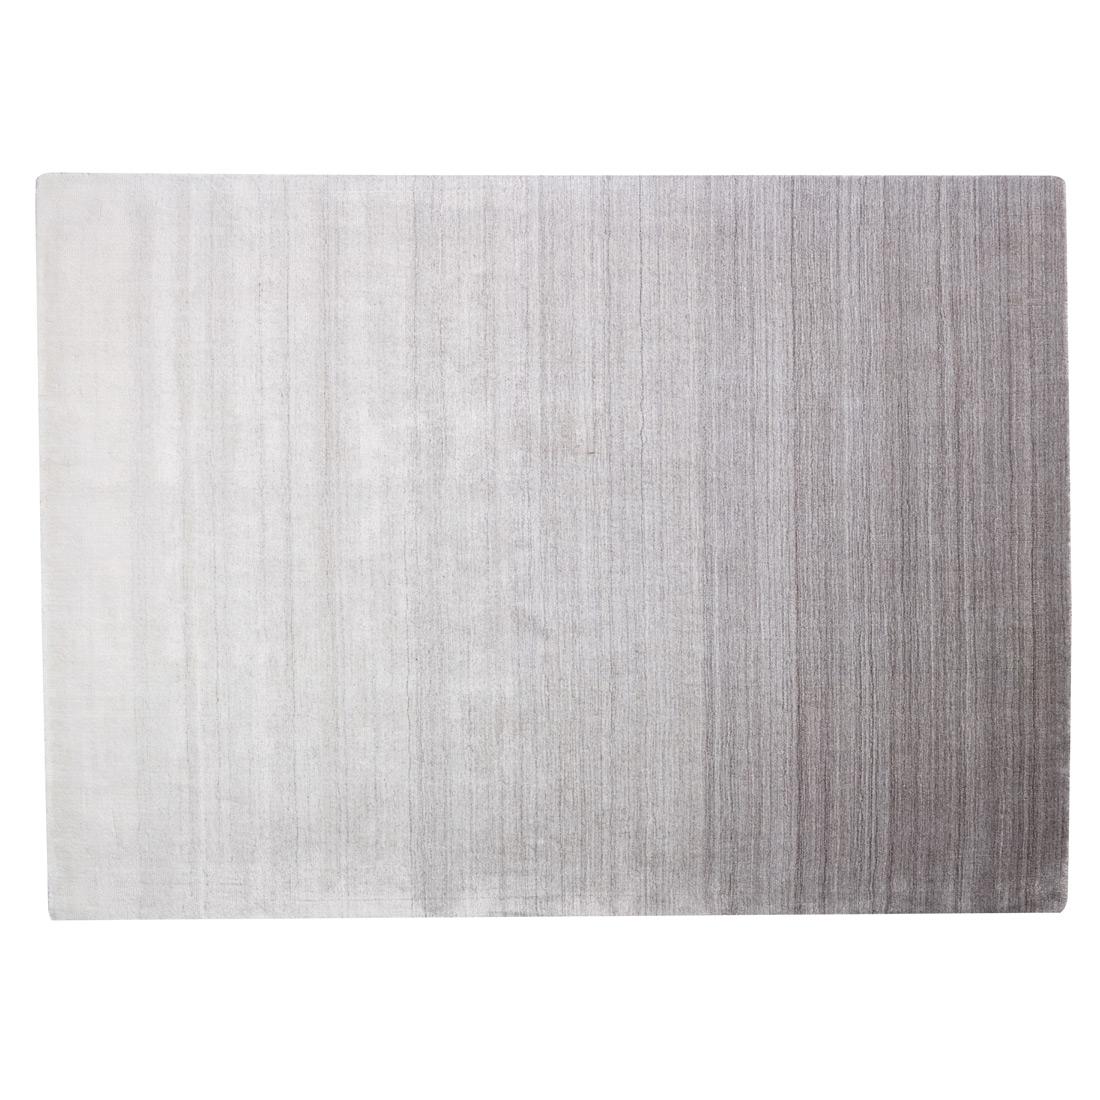 Vloerkleed Xilento Admire Ivory | 240 x 340 cm